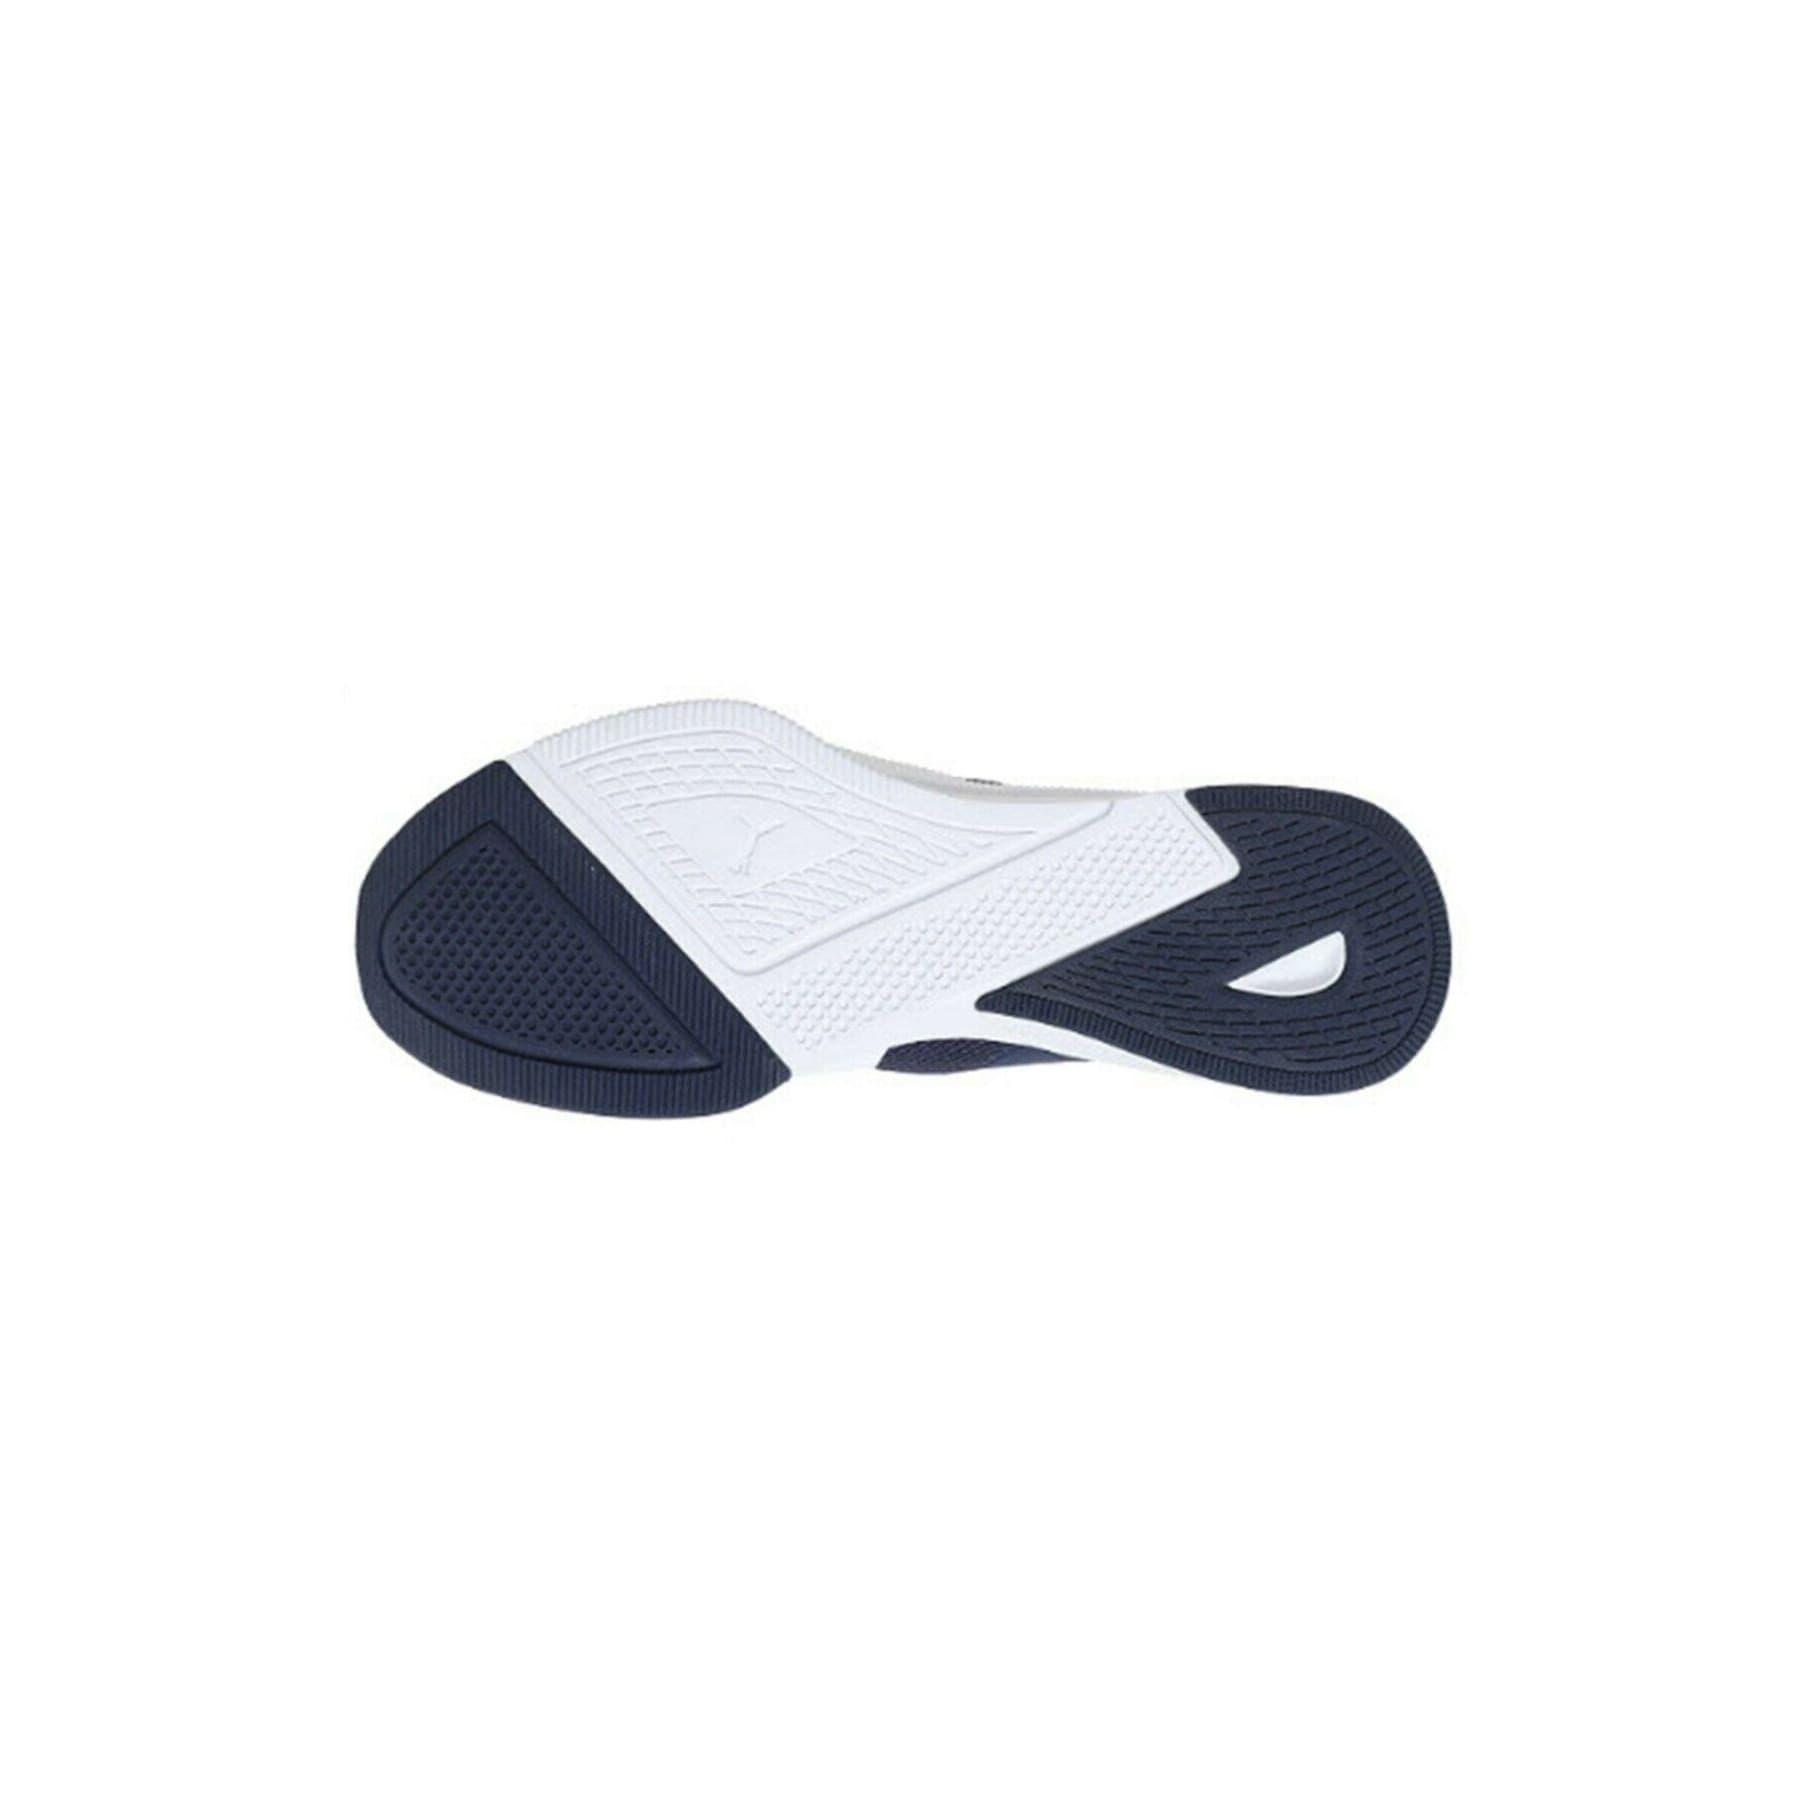 Flyer Runner Lacivert Koşu Ayakkabısı (192257-01)